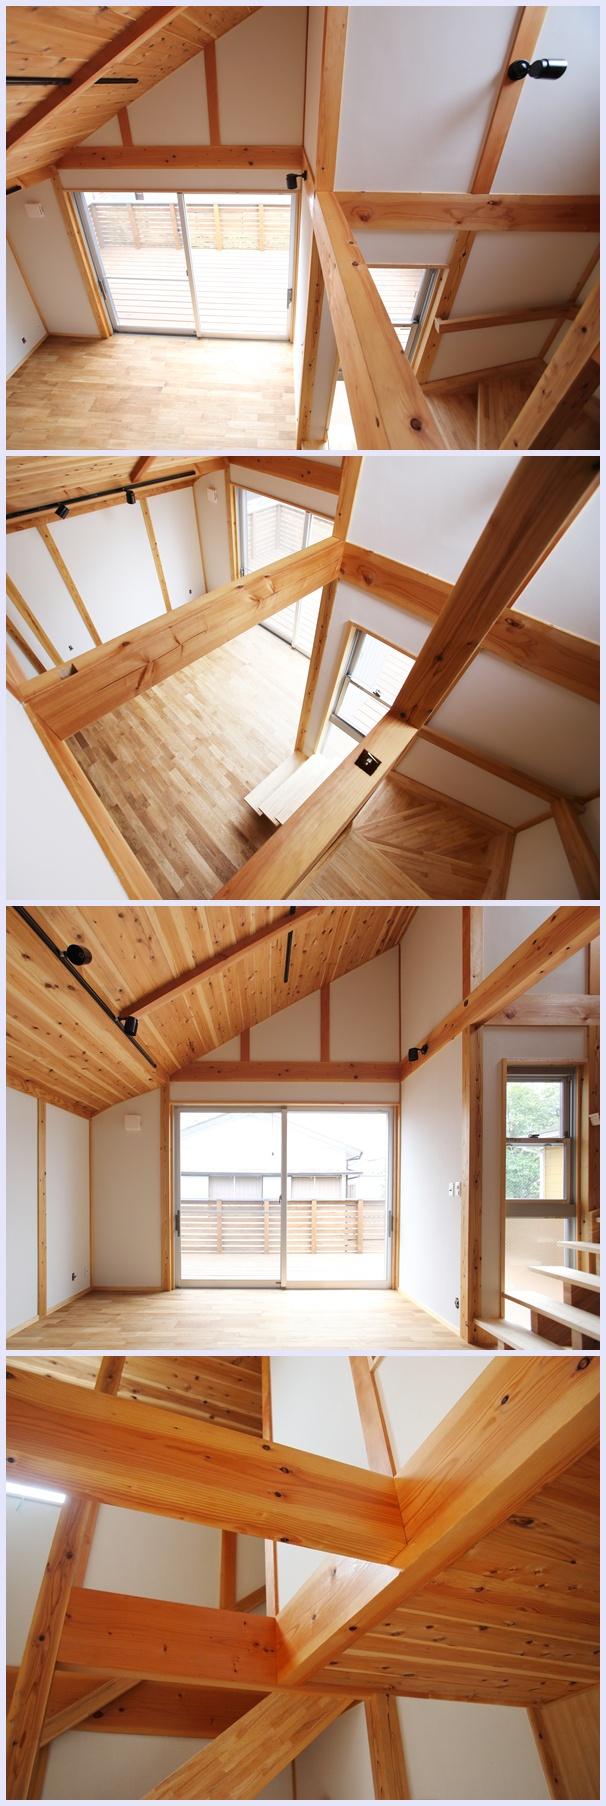 横浜市泉区の家☆竣工しました!_c0152341_1232991.jpg